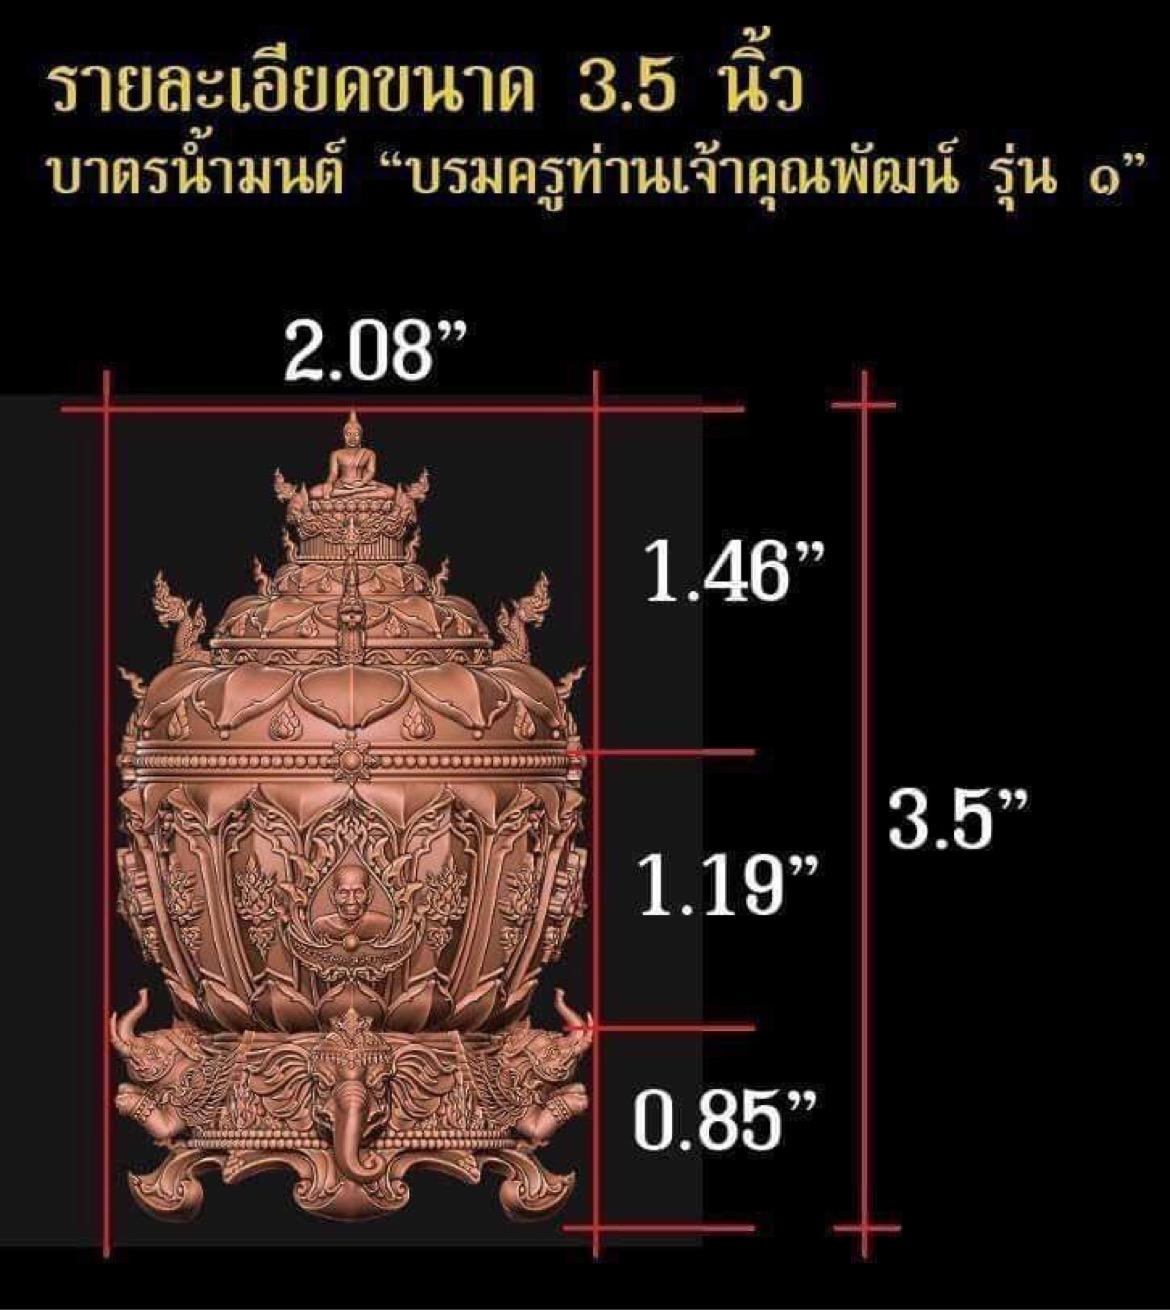 2CDD5D40-63CD-49AB-A0A0-1C8F934E60CA.jpeg